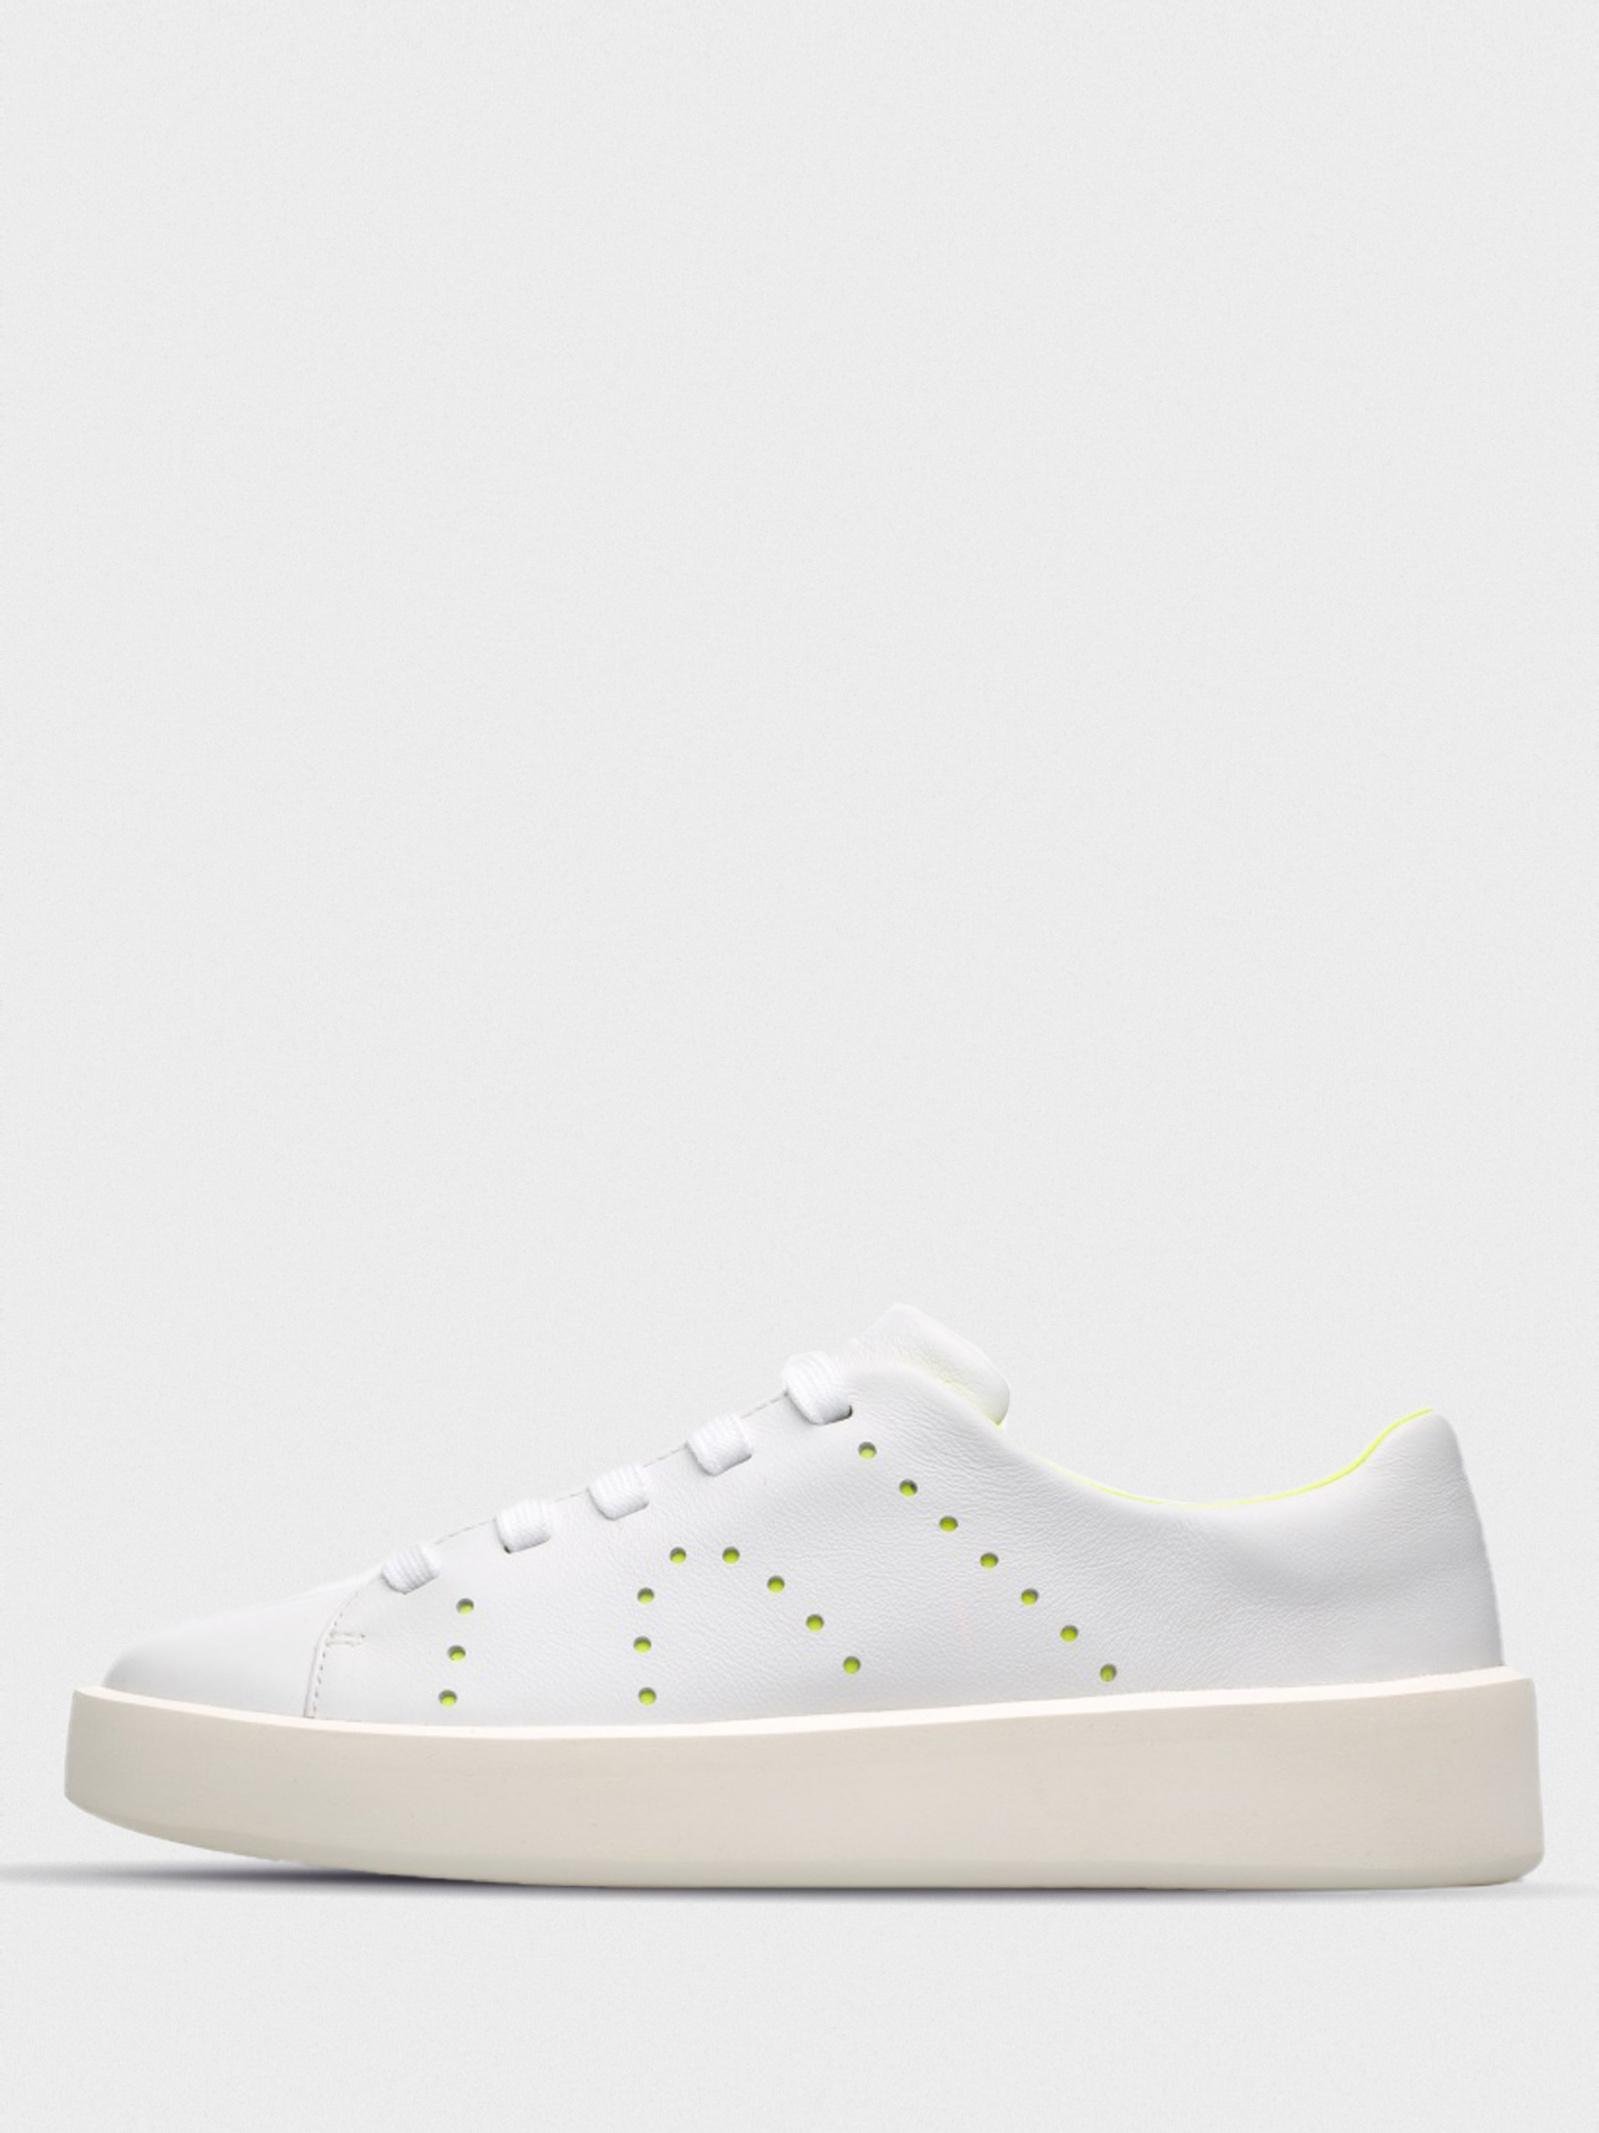 Полуботинки женские Camper TWS AW1126 модная обувь, 2017